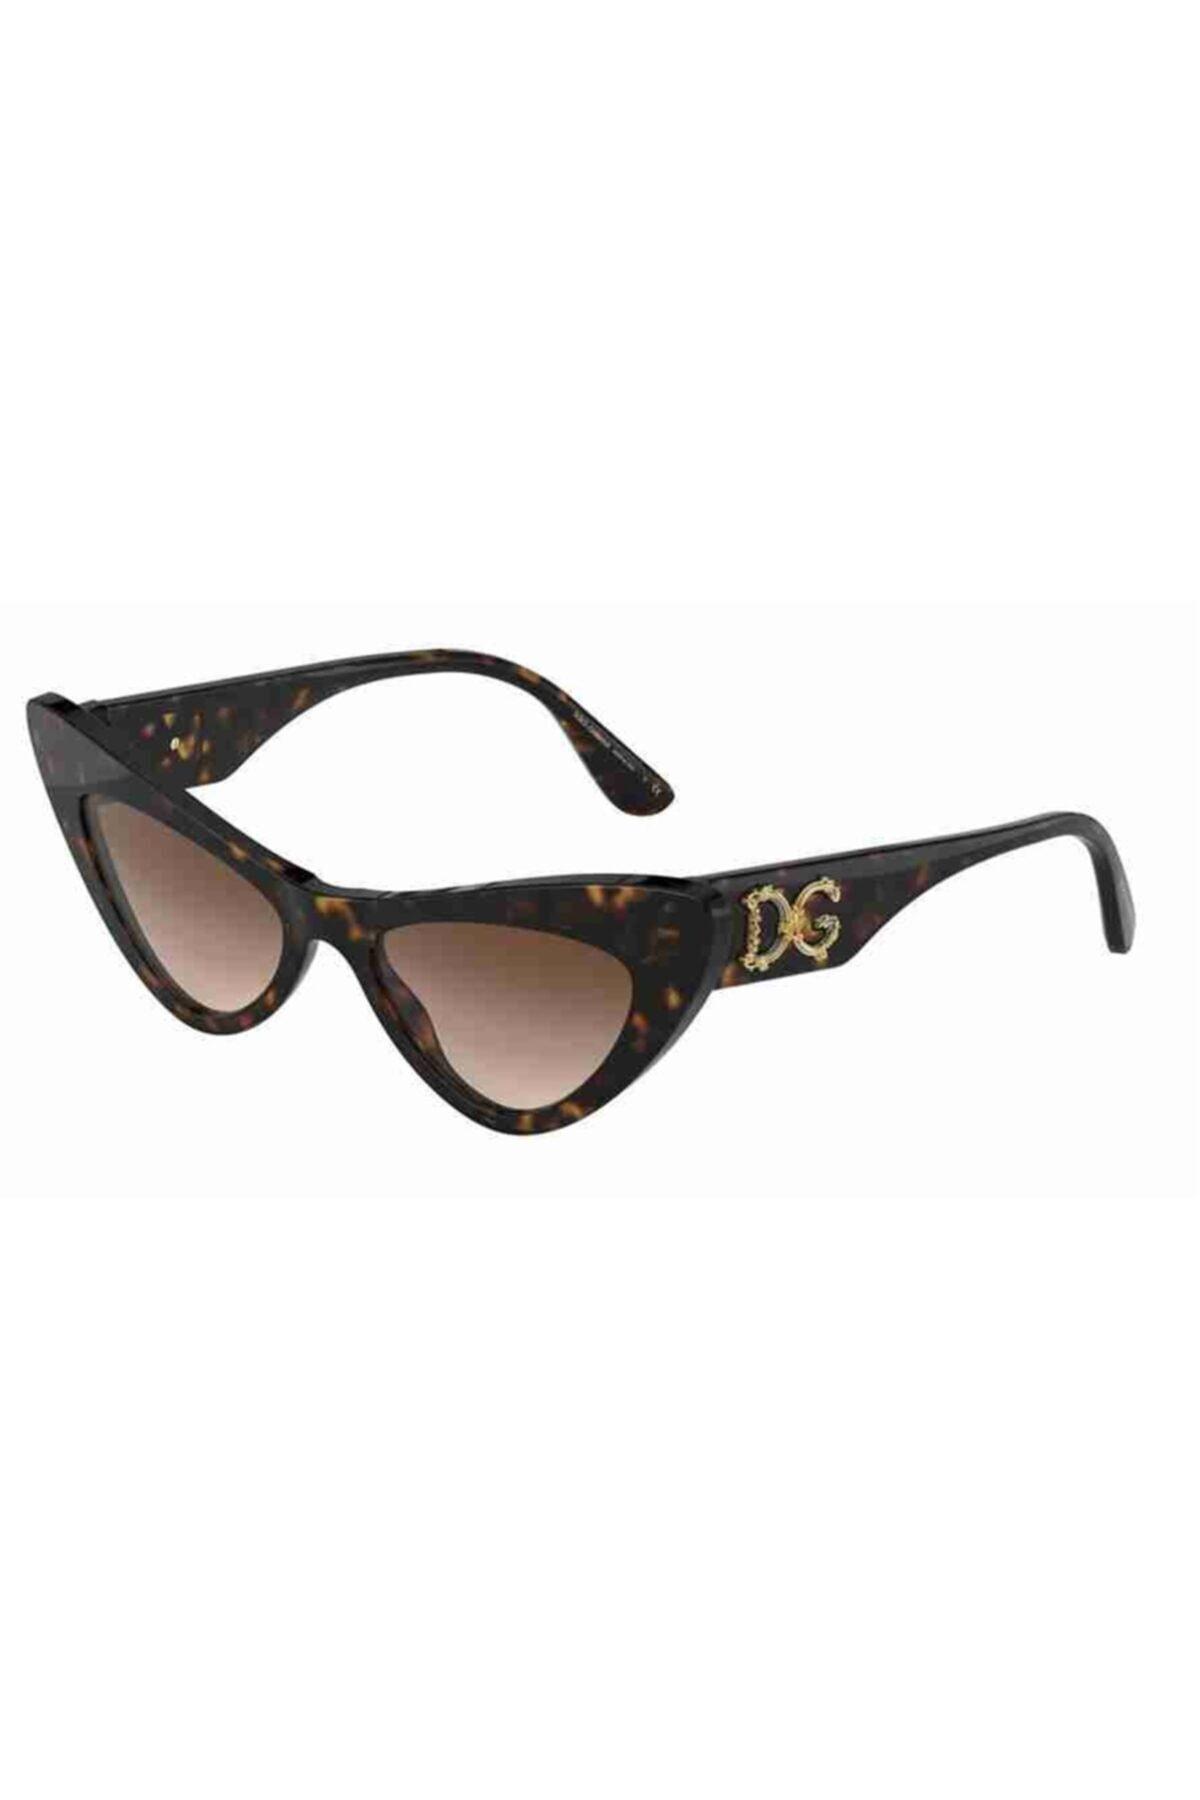 Dolce & Gabbana 4368 502/13 52 Ekartman Kadın Güneş Gözlüğü 1